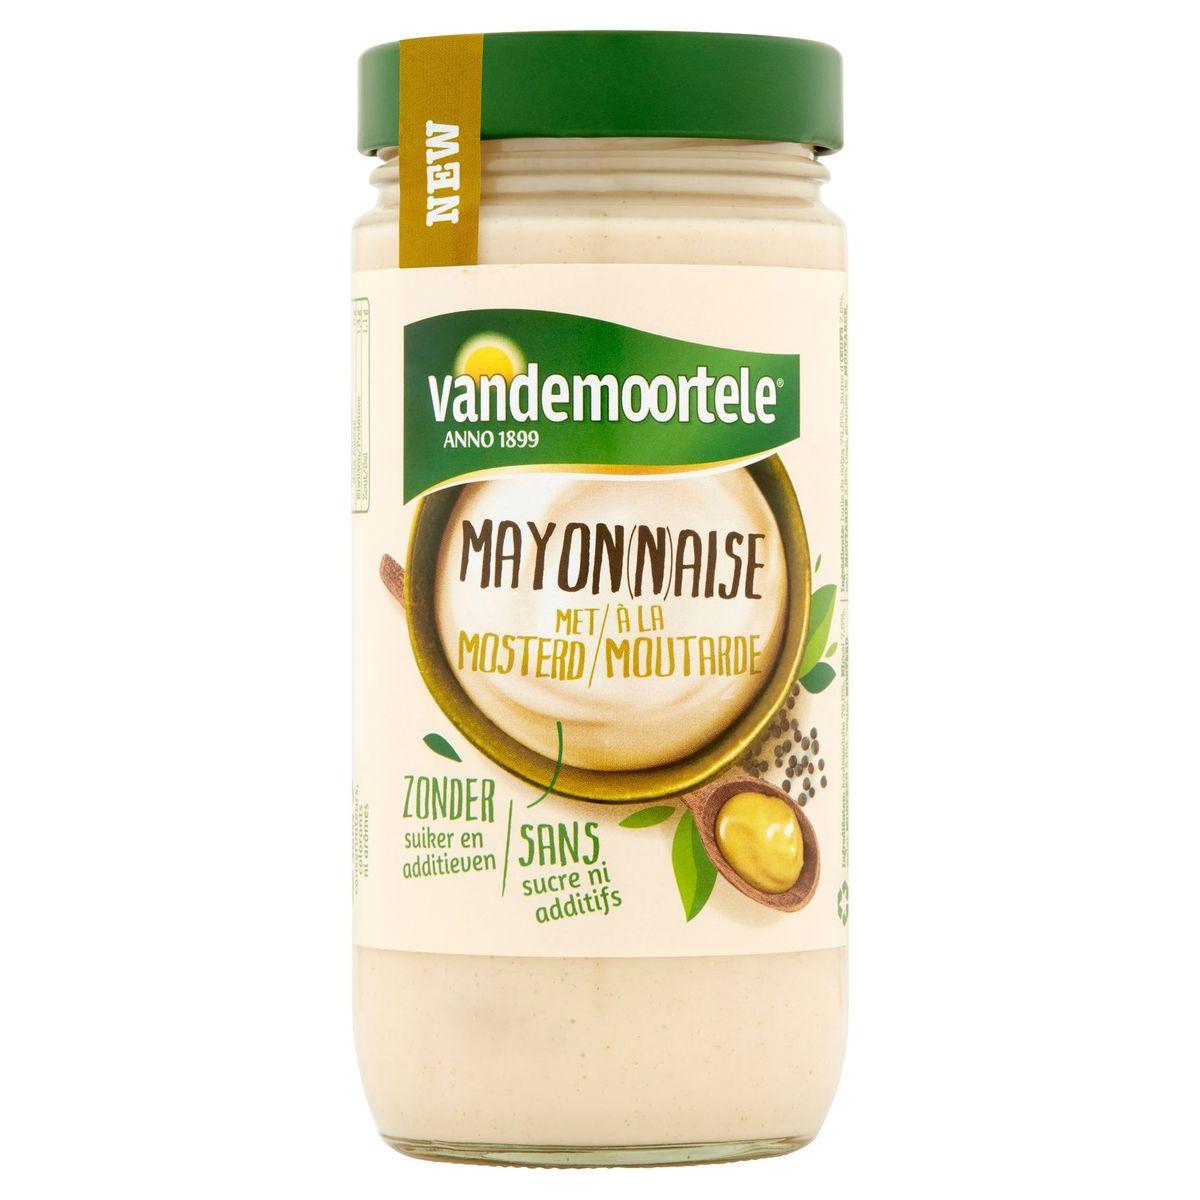 Vandemoortele Mayonaise met Mosterd 377 g